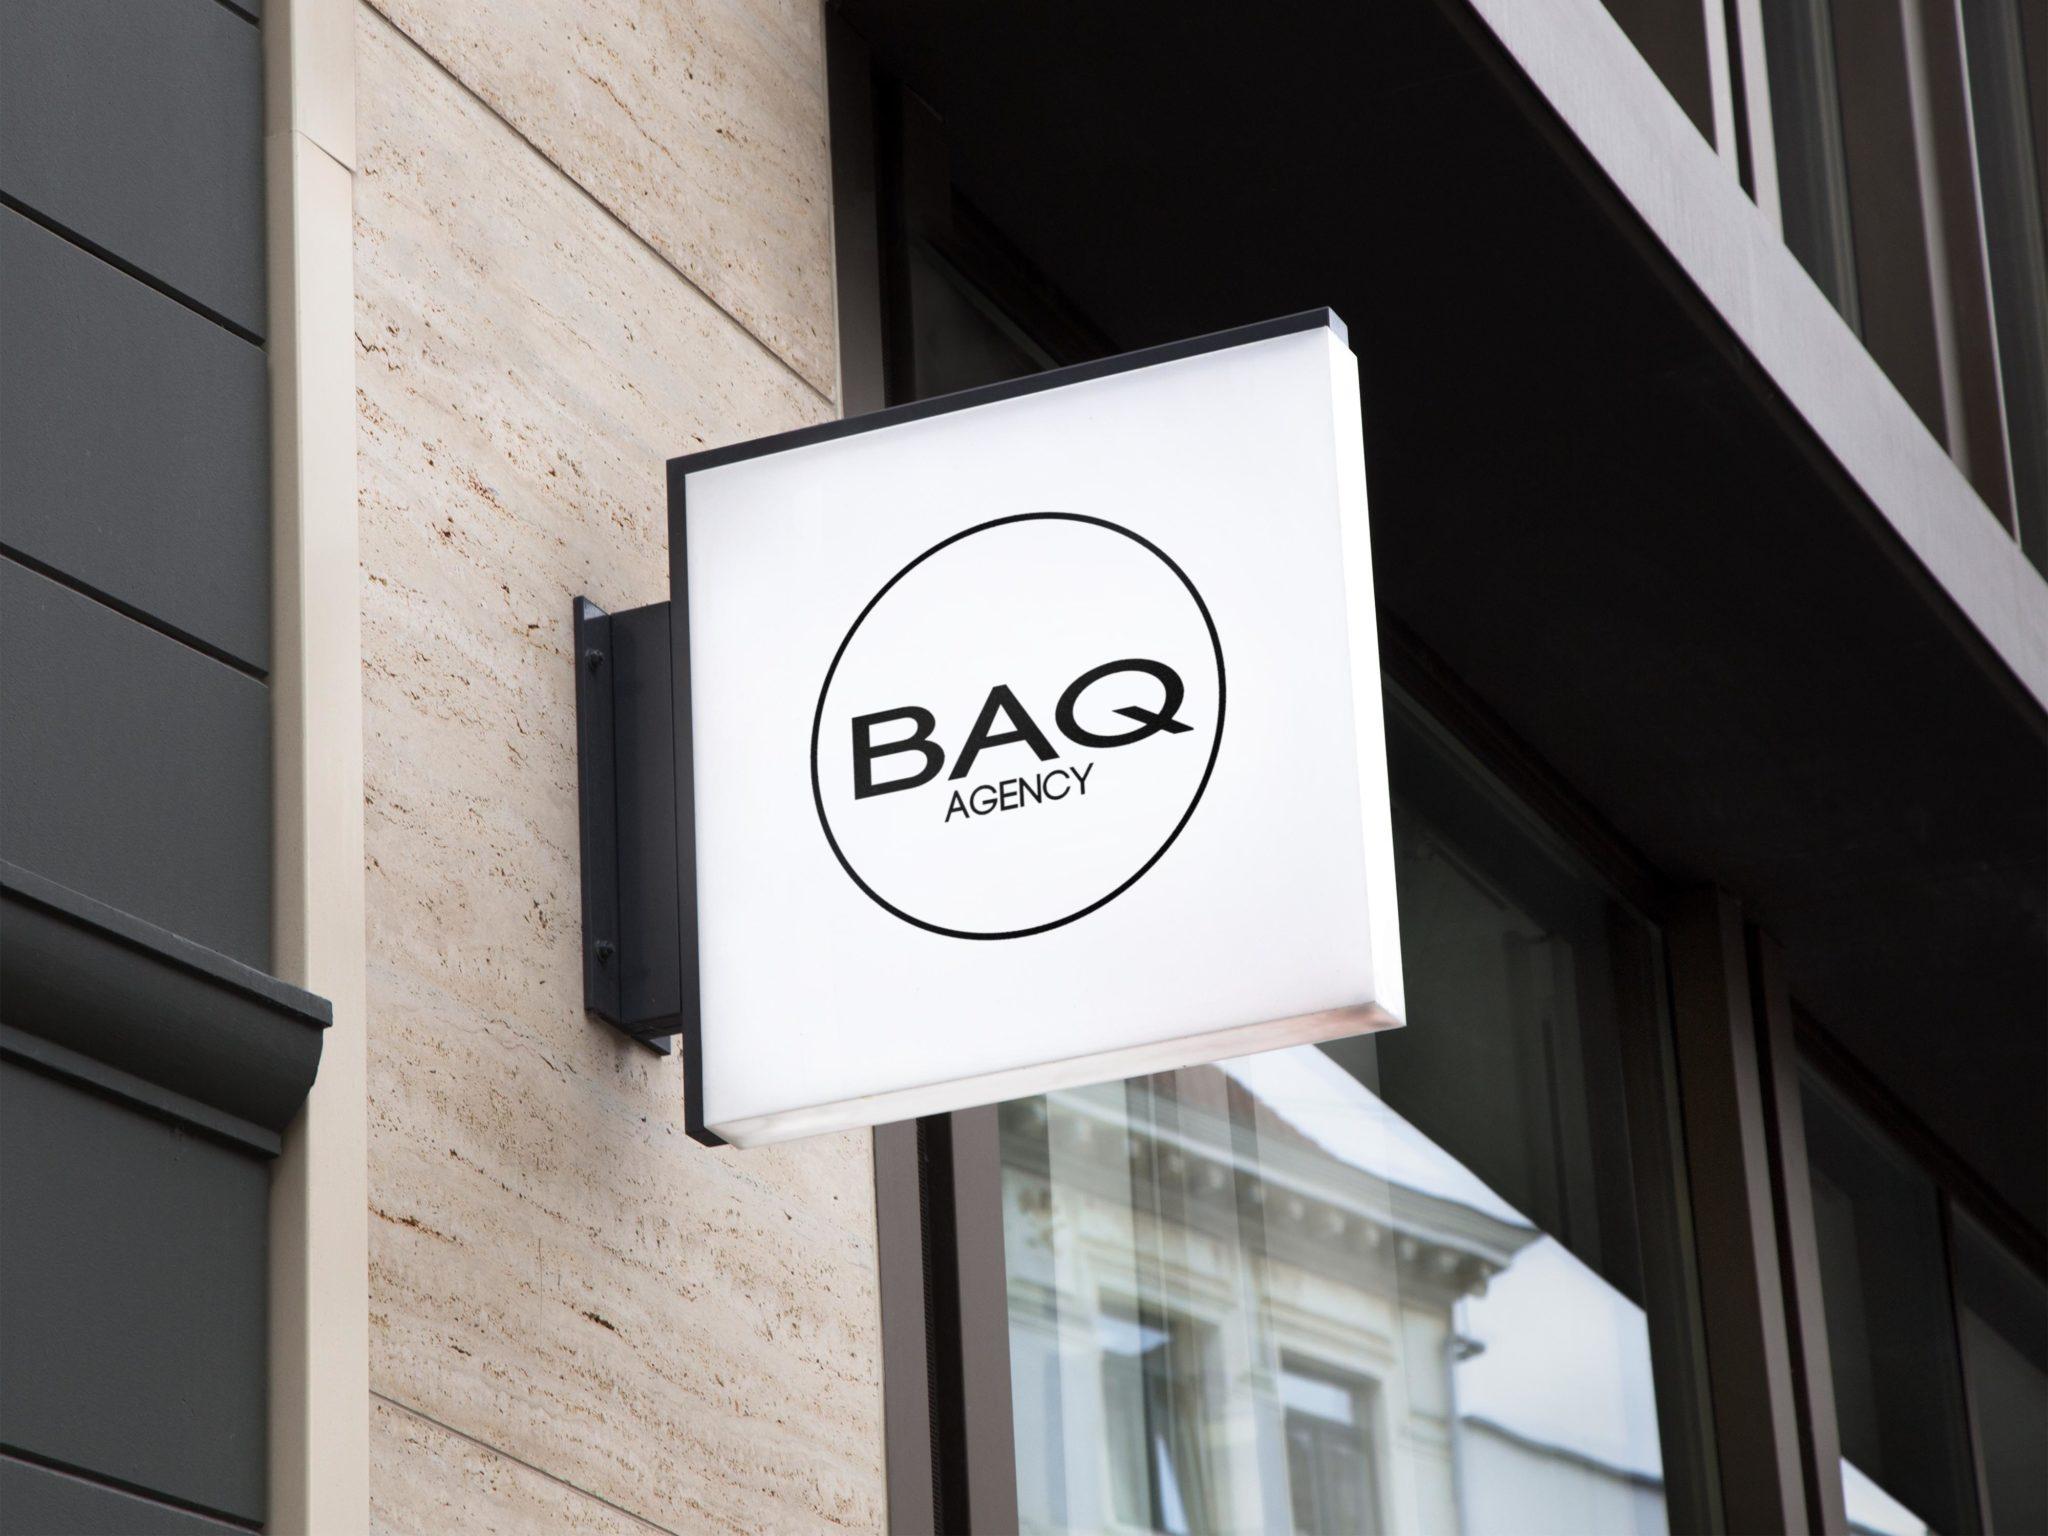 Baq Agency